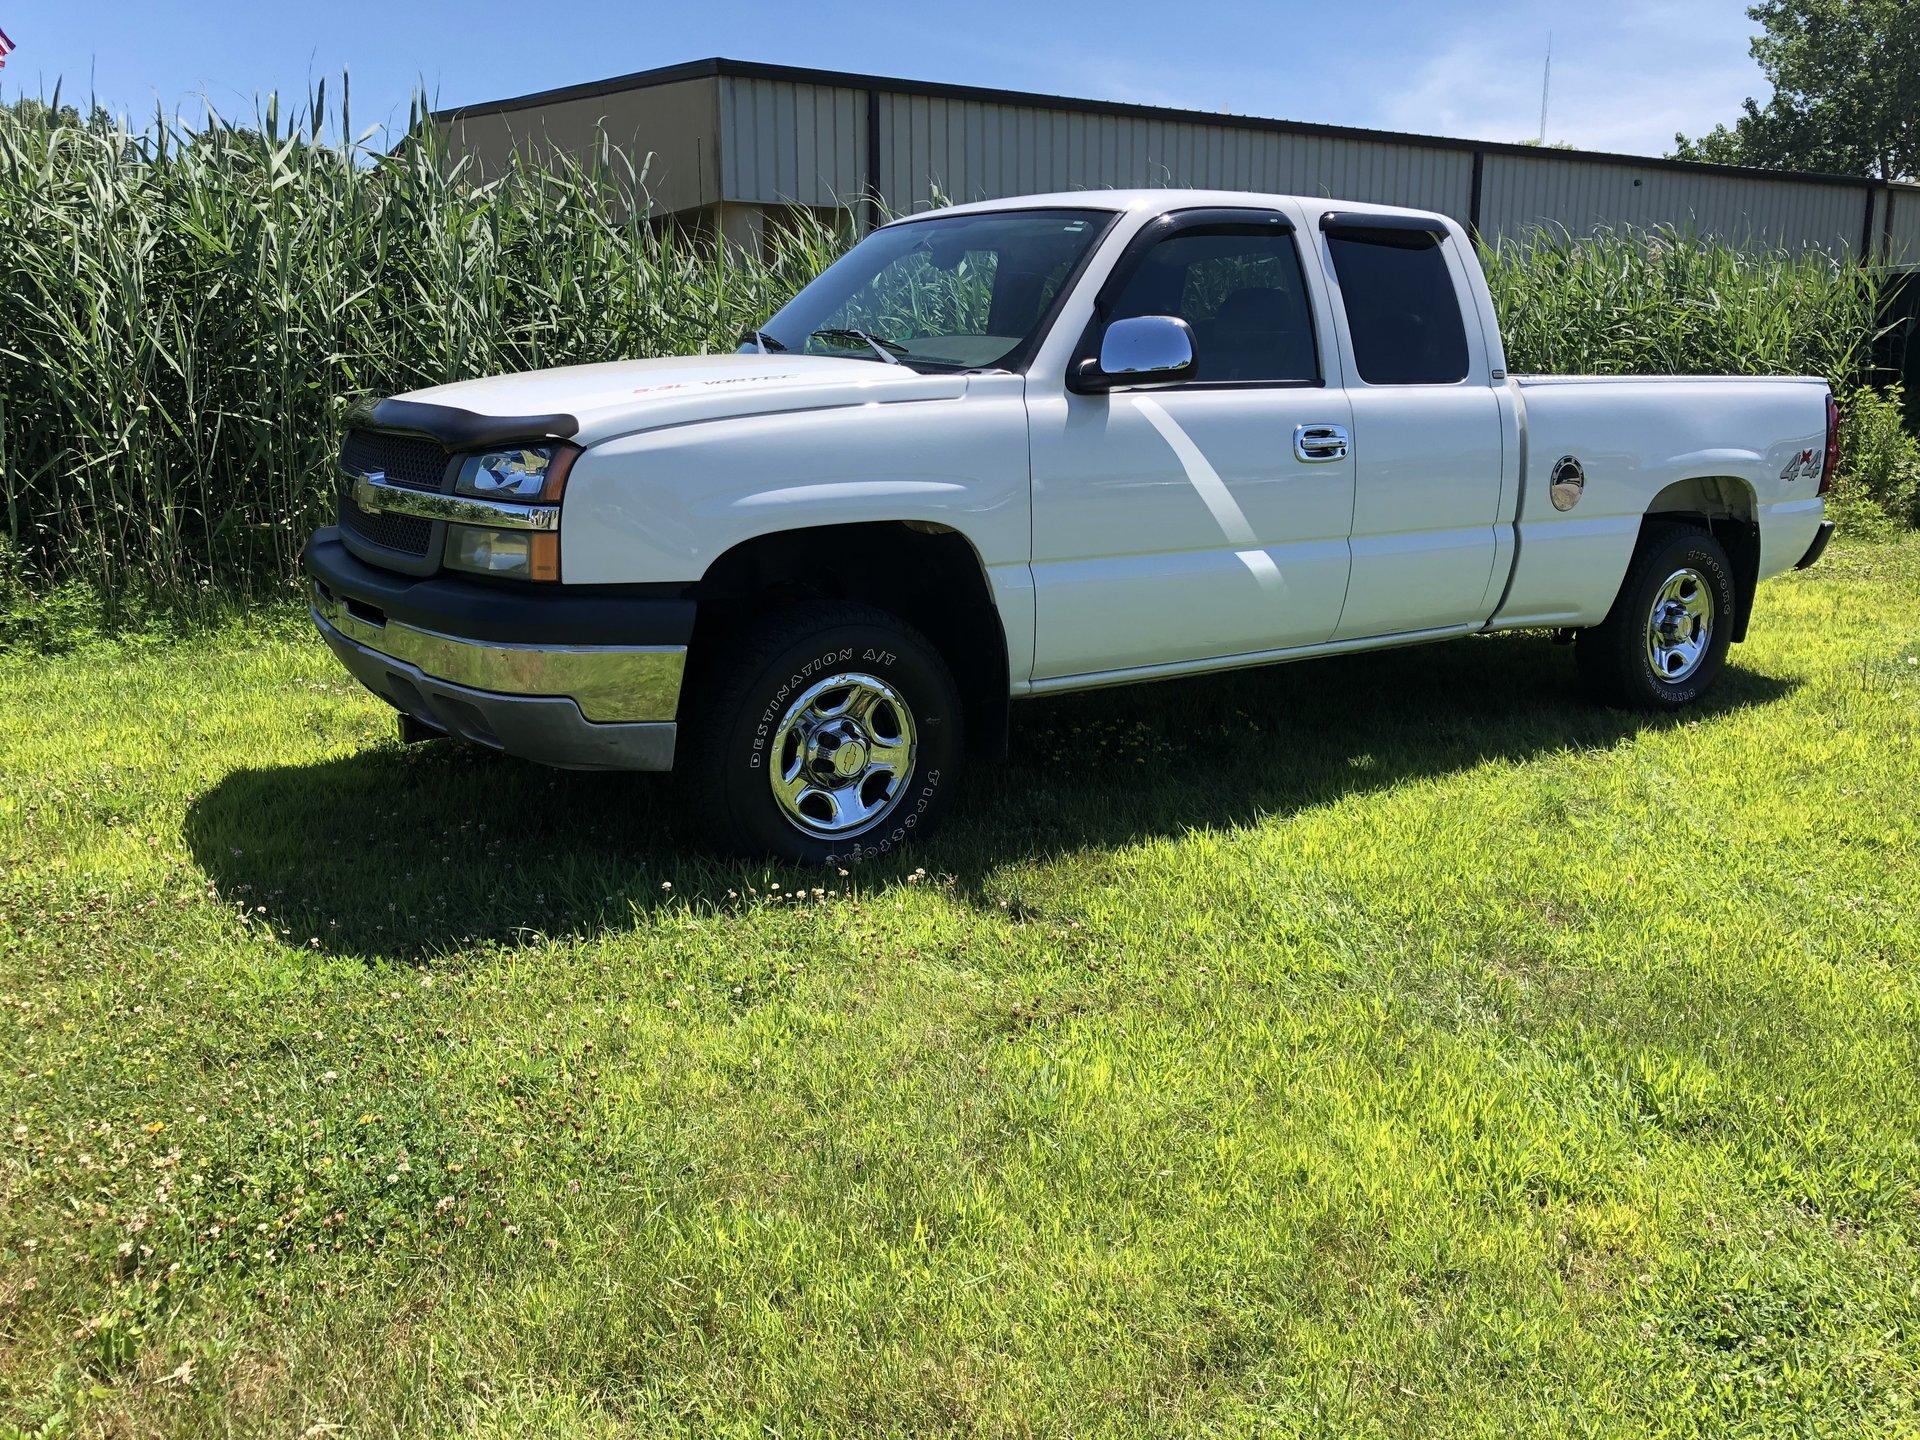 3069570552fe hd 2004 chevrolet silverado 1500 ext cab 143 5 wb 4wd work truck